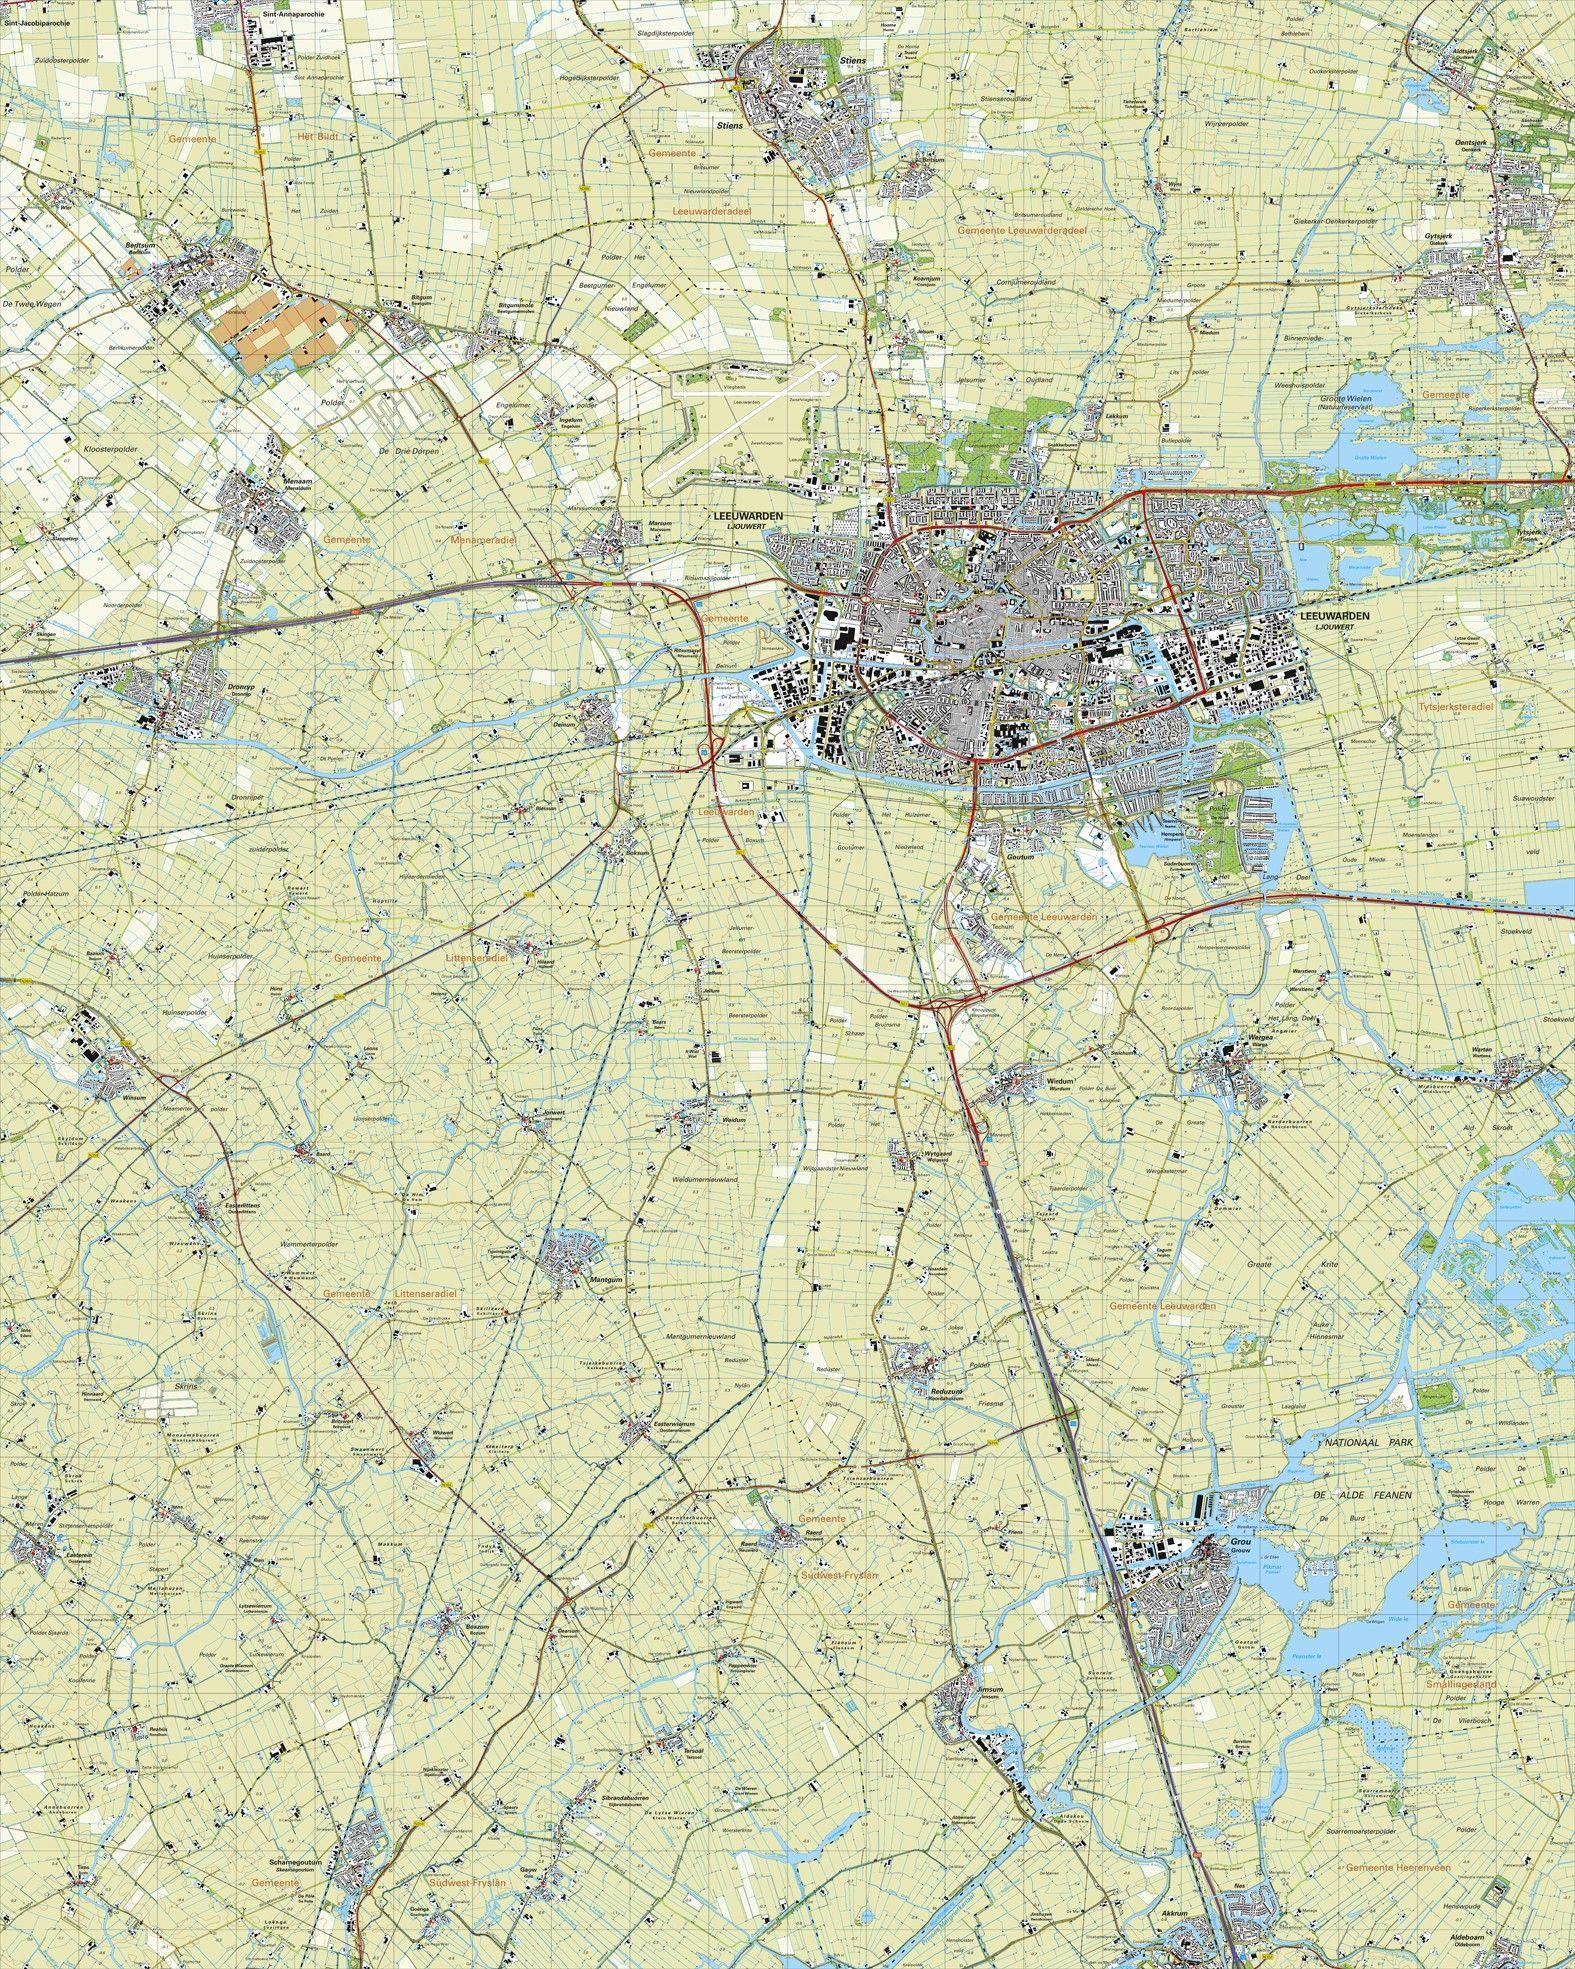 Topografische kaart schaal 1:25.000 (Leeuwarden,Dronryp,Stiens,Berlikum,Akkrum,Grou)